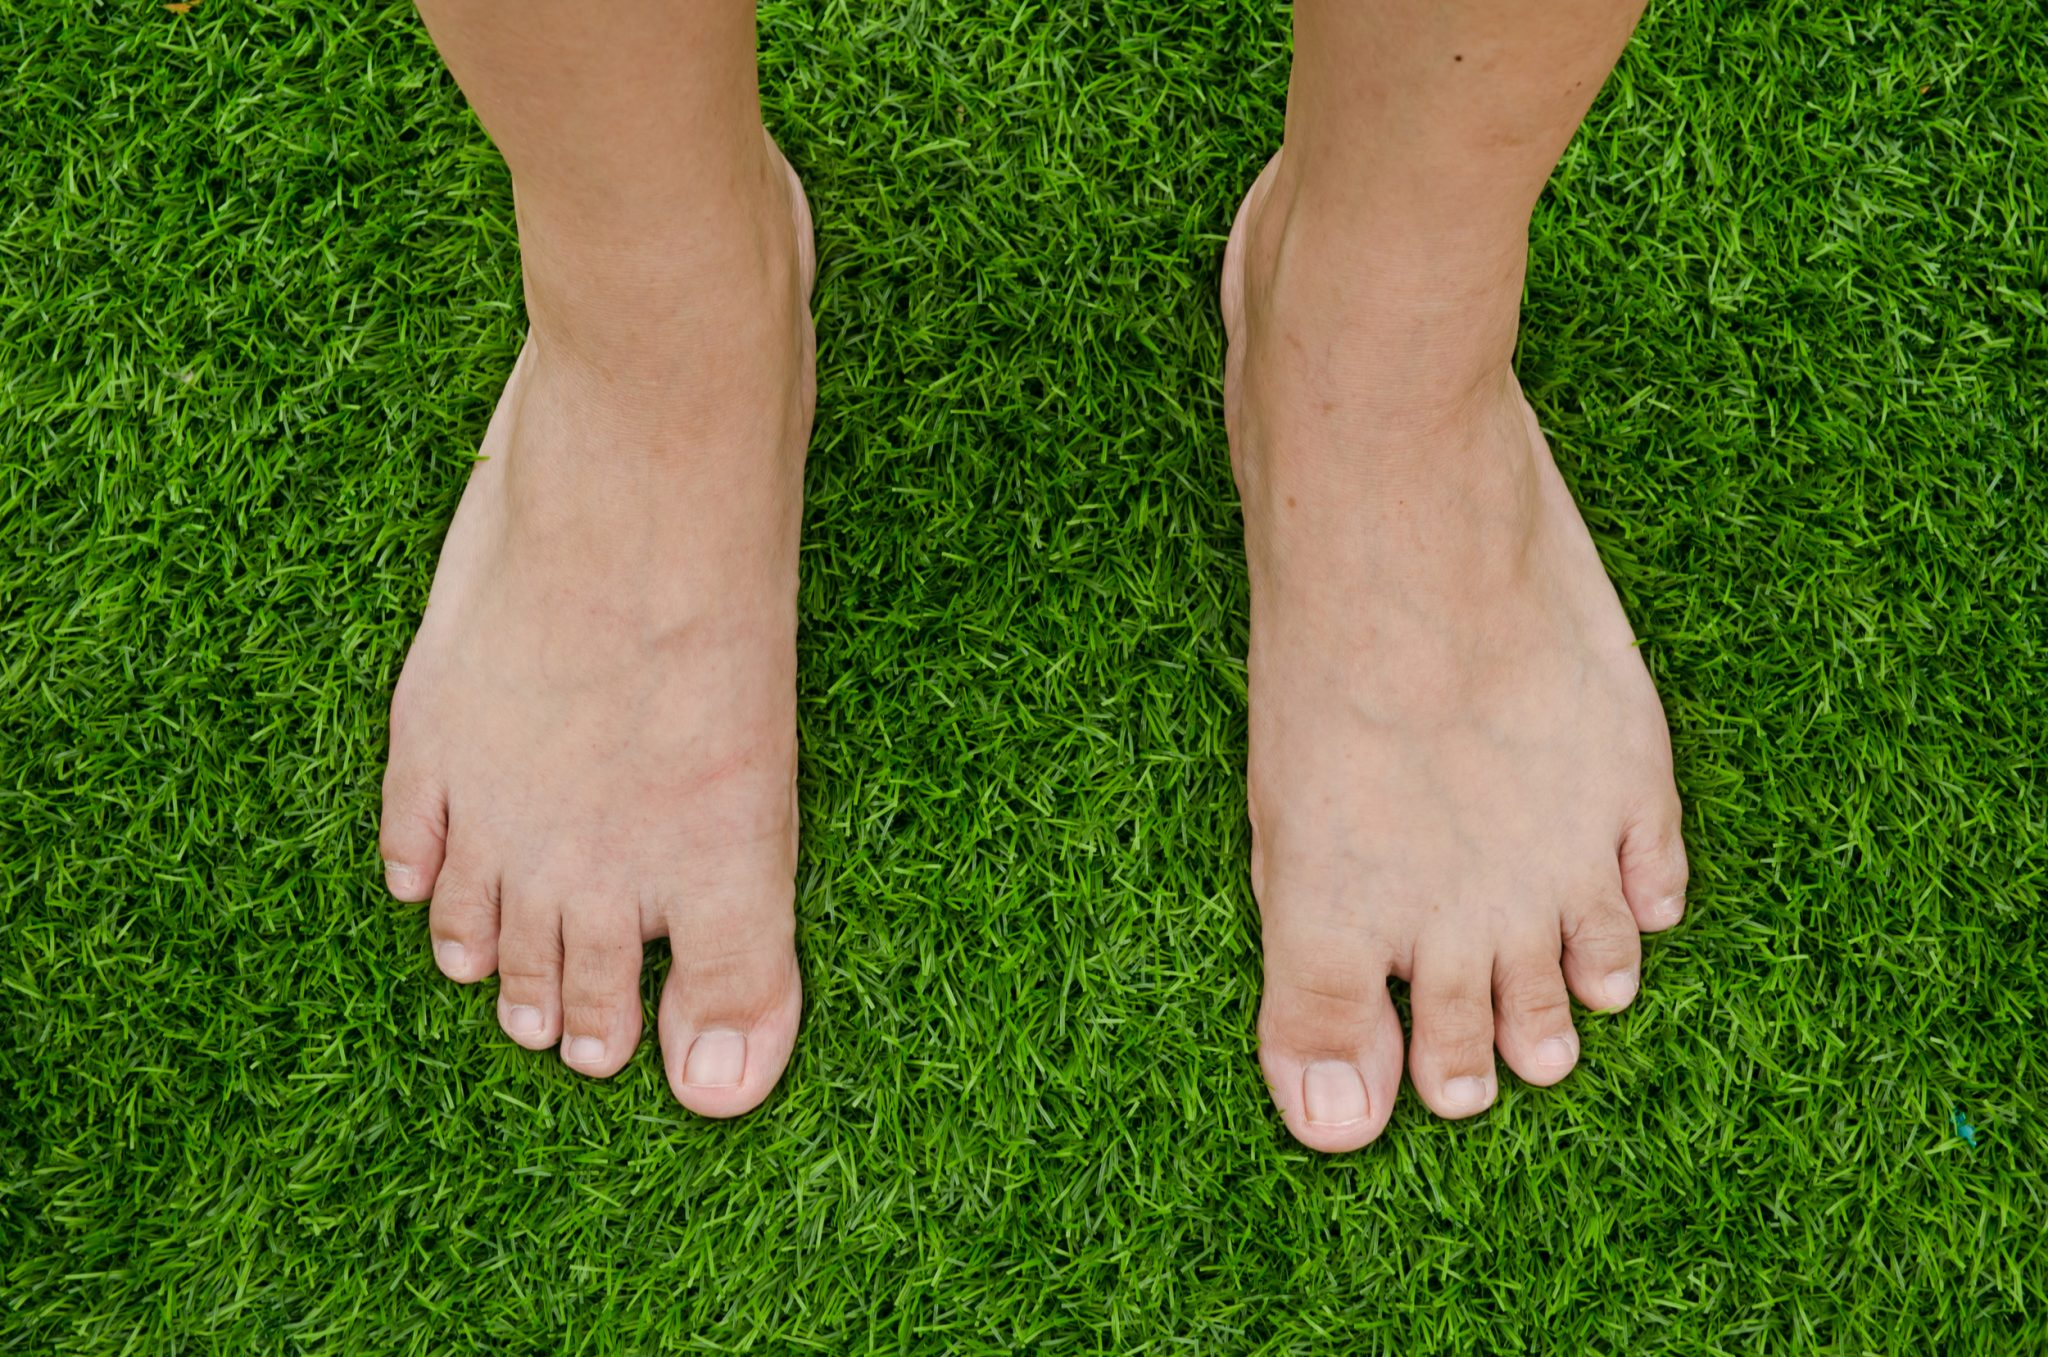 does artificial grass flatten